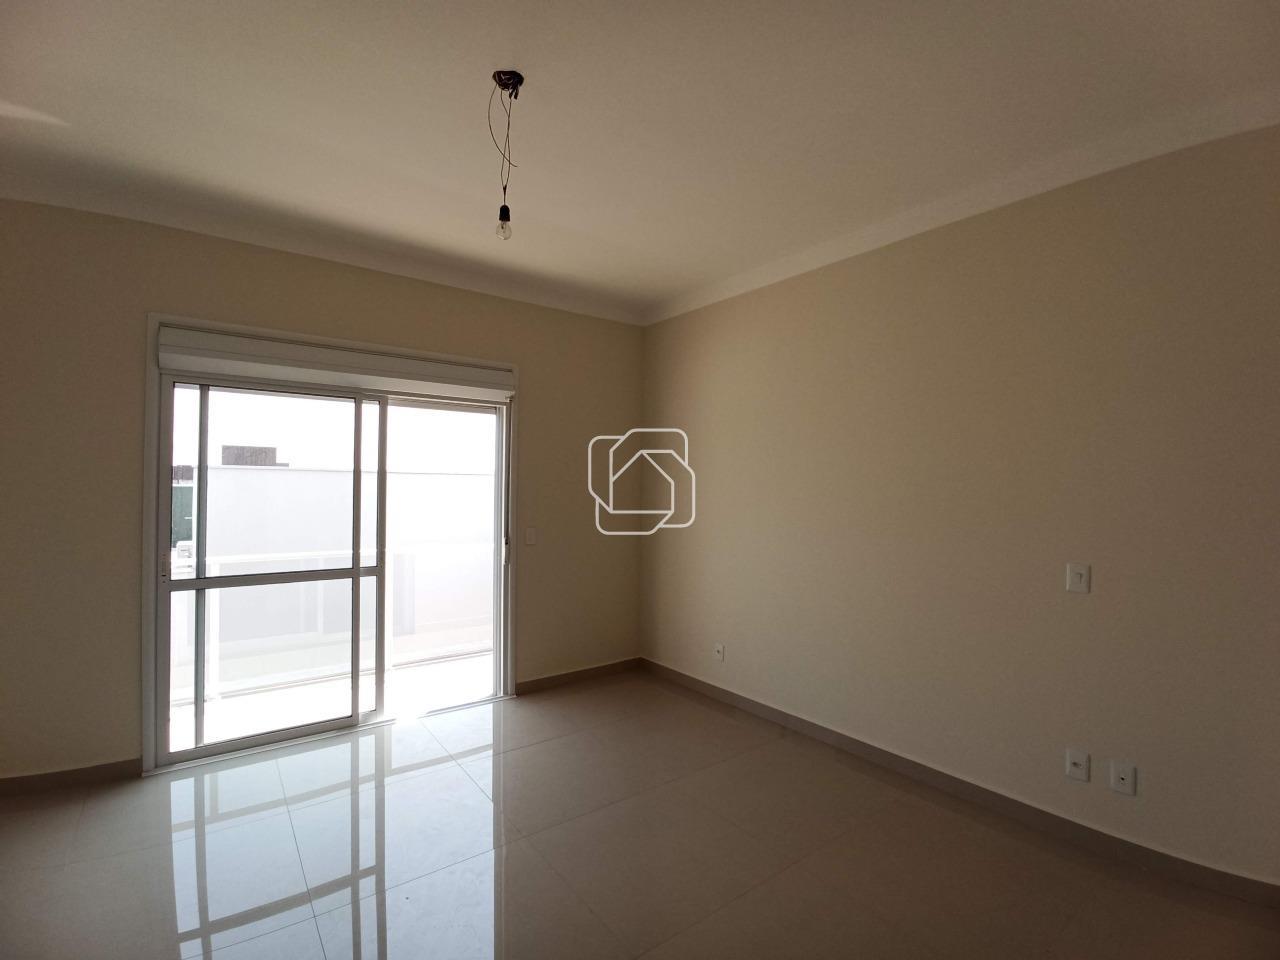 Casa de Condomínio à venda no Jardim Residencial Dona Lucilla: Casa à venda no Condomínio Jardim Residencial Dona Lucilla - Indaiatuba/SP